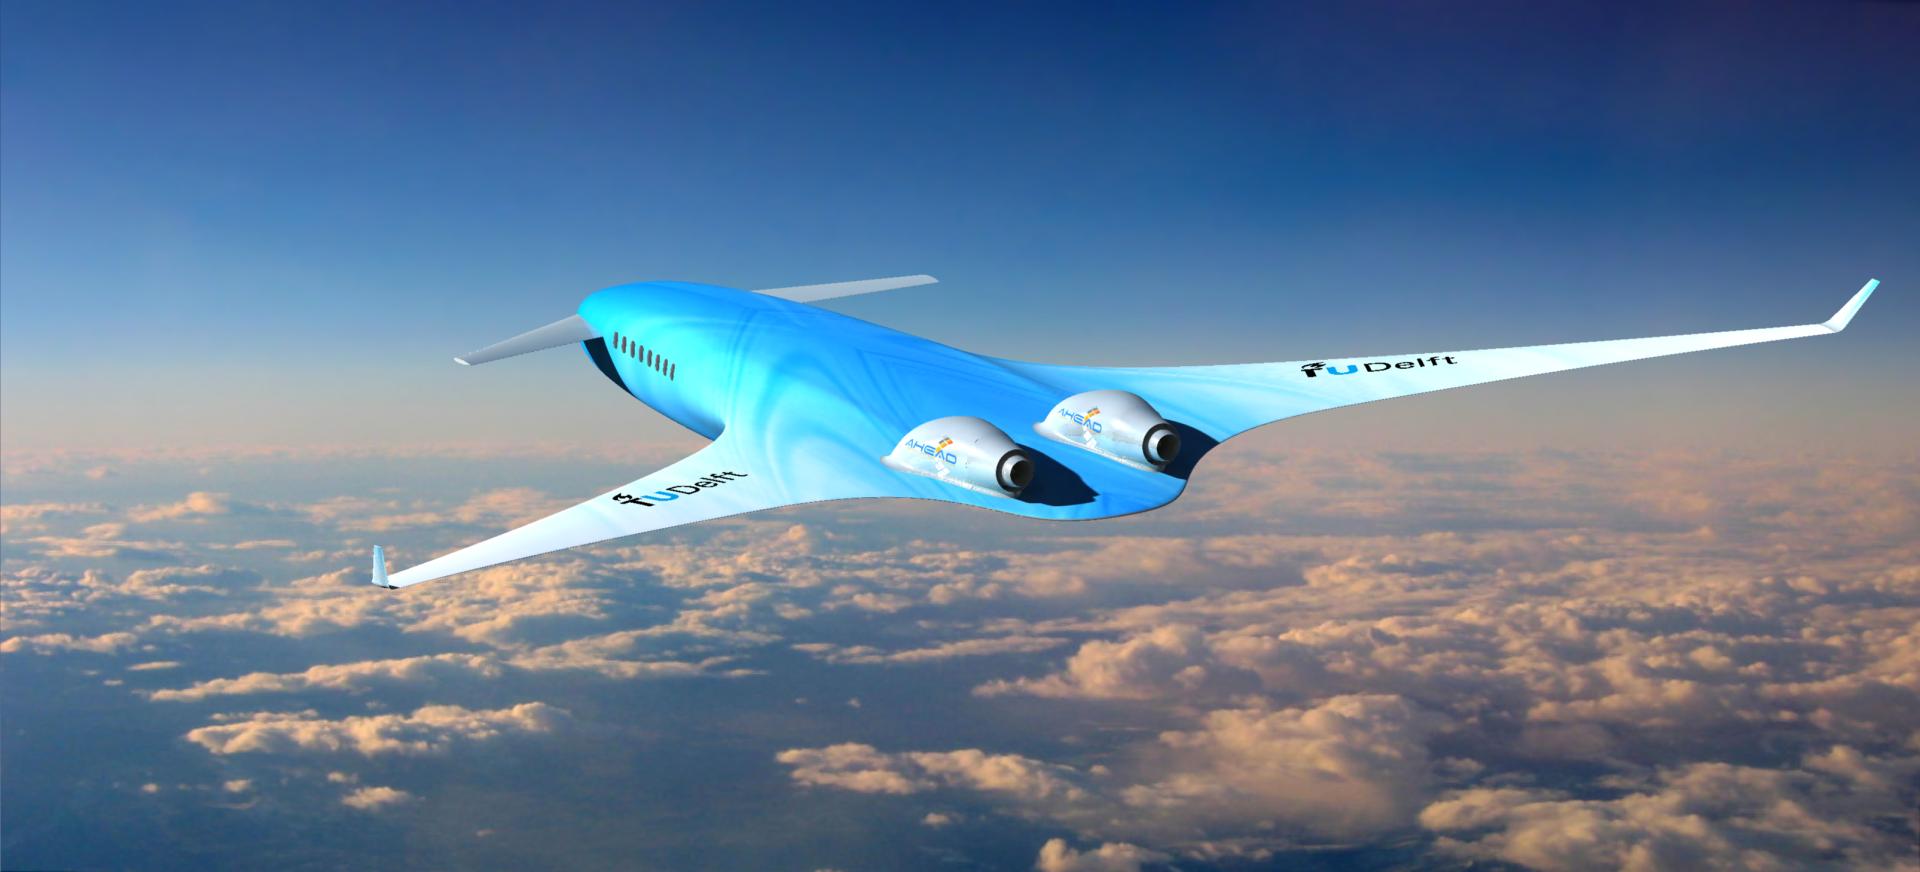 Visual Of Aircraft